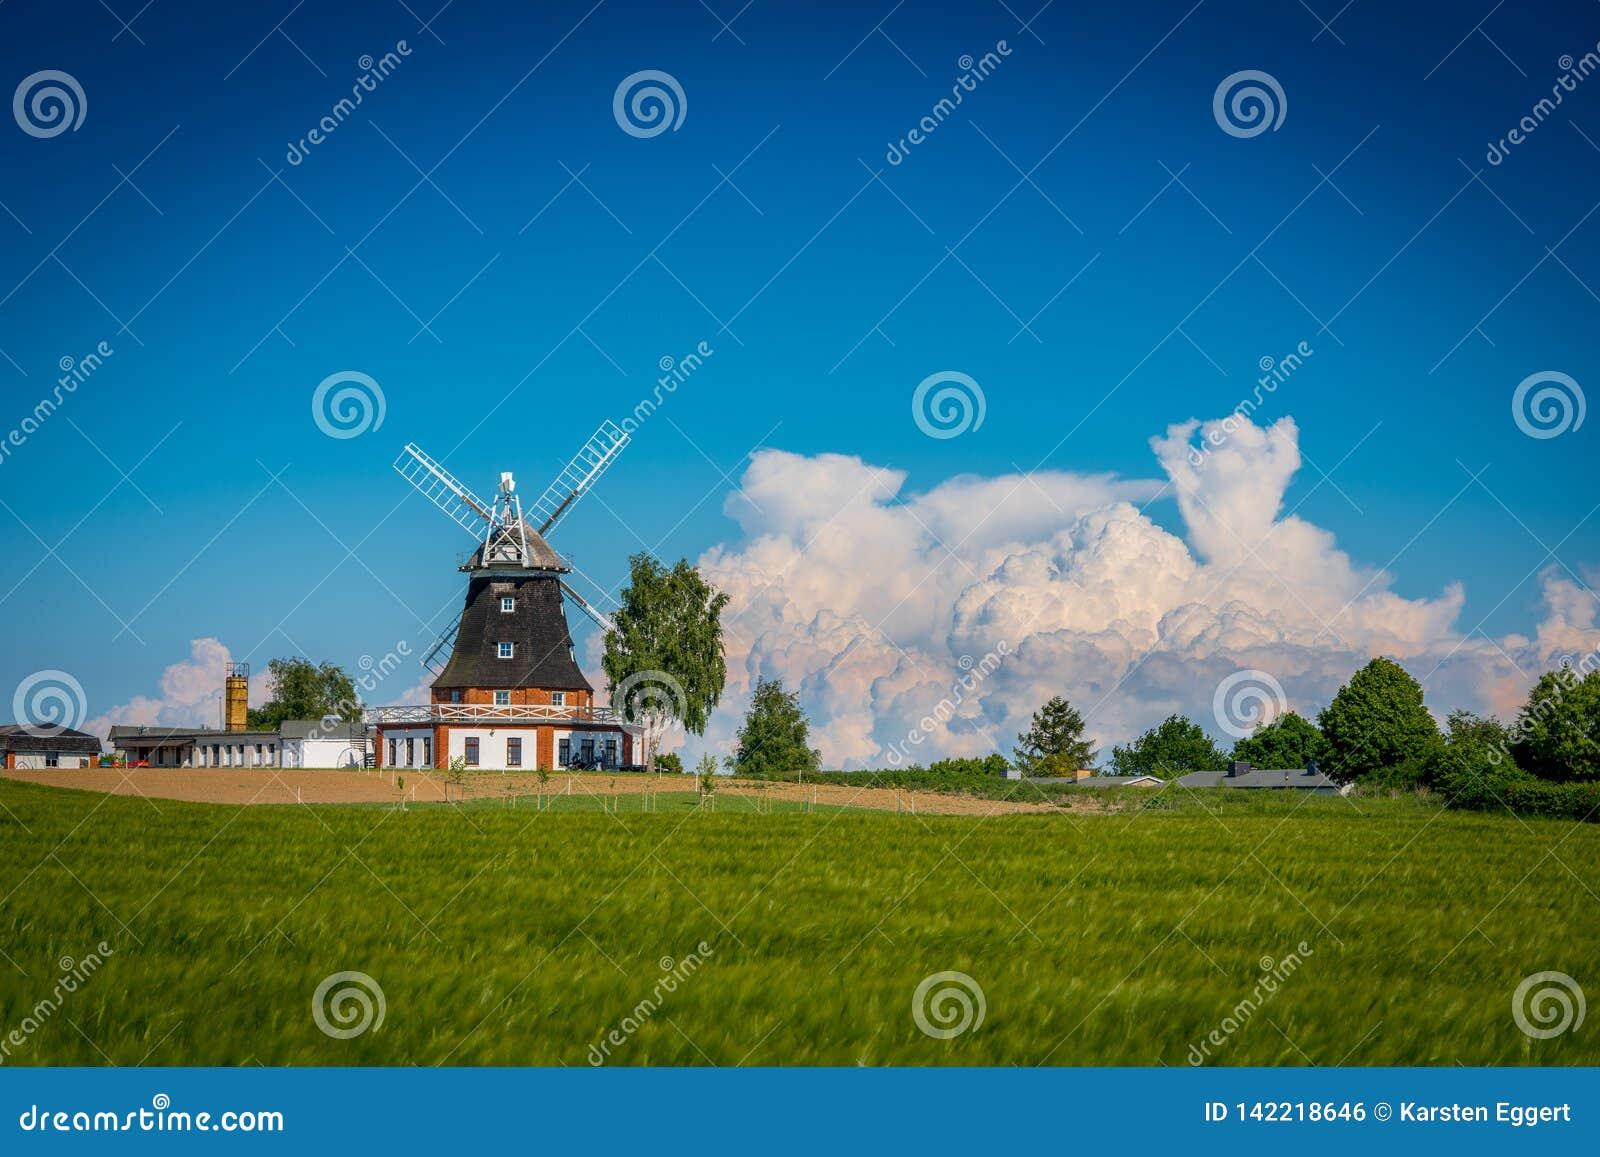 Moulin à vent au printemps derrière un champ de grain